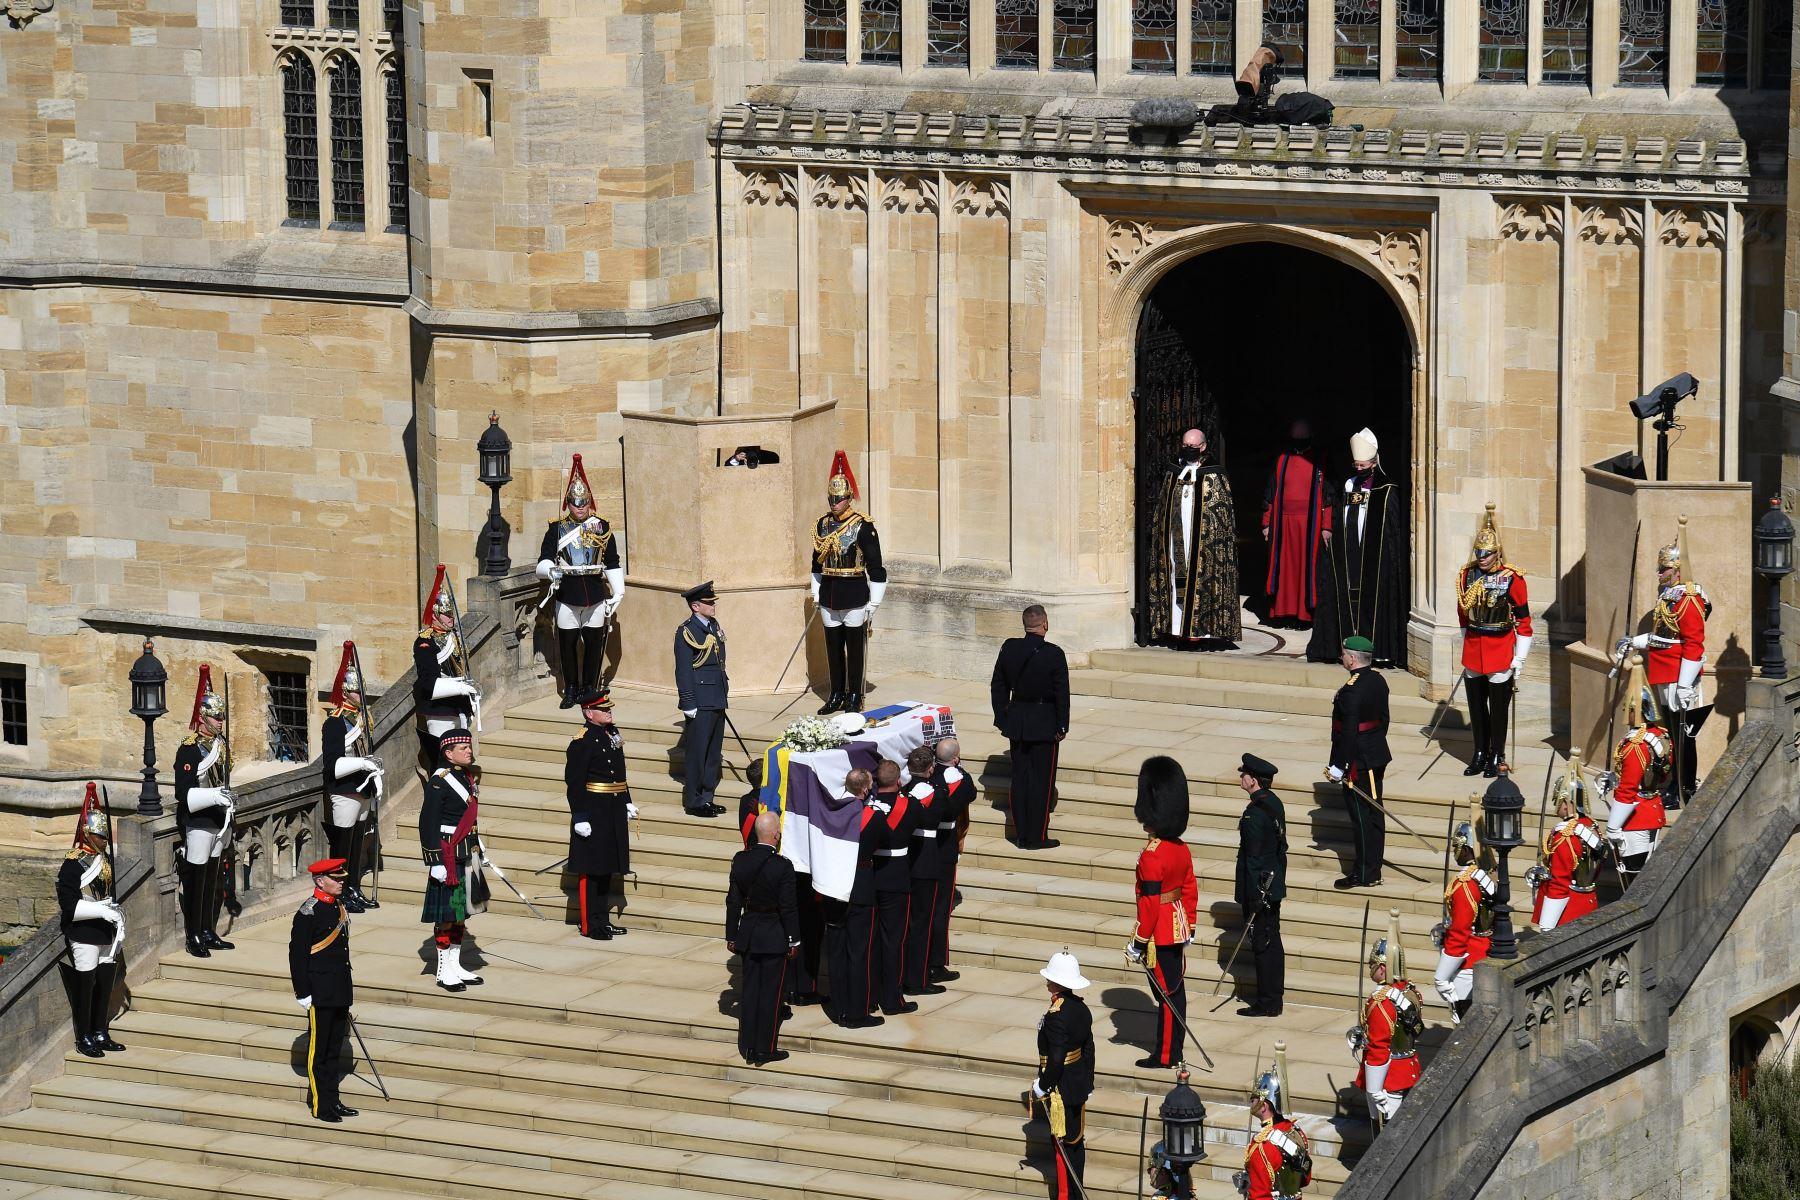 Los portadores del féretro de los Royal Marines que llevan el ataúd y los miembros de las fuerzas armadas hacen una pausa de un minuto de silencio en los escalones occidentales de la Capilla de San Jorge para marcar el inicio del funeral del príncipe Felipe de Gran Bretaña, duque de Edimburgo. Foto: AFP